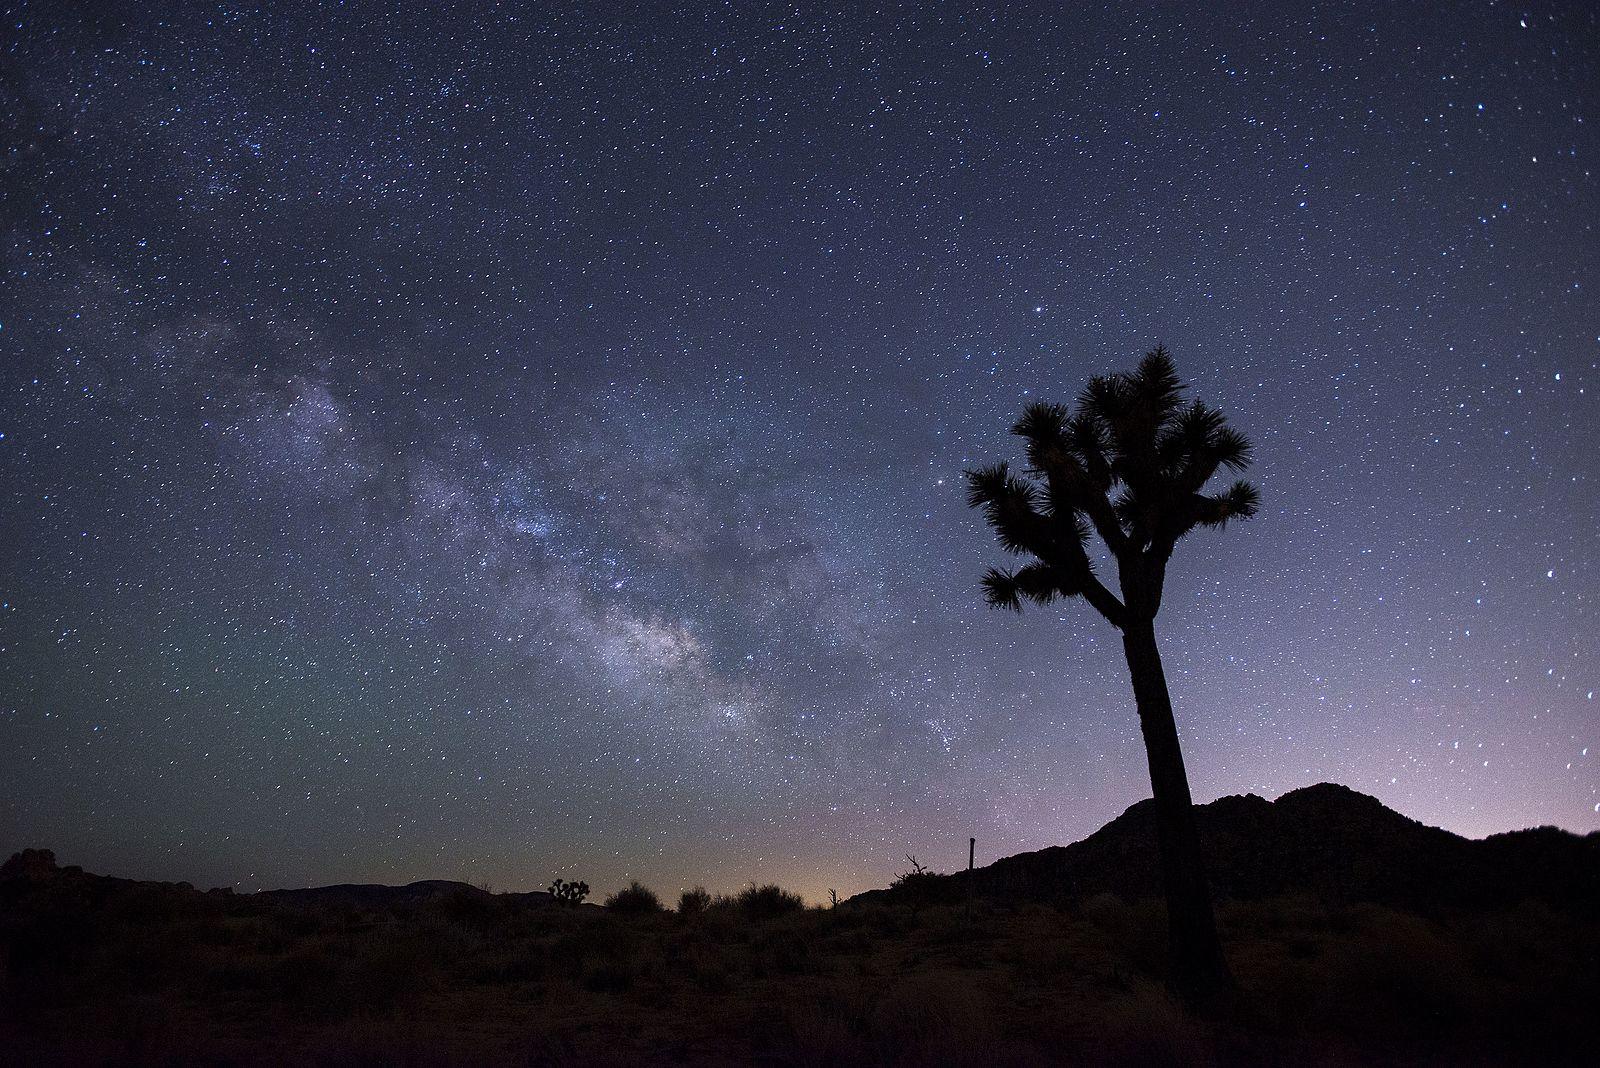 NPS/Lian Law photo night skies in JTNP